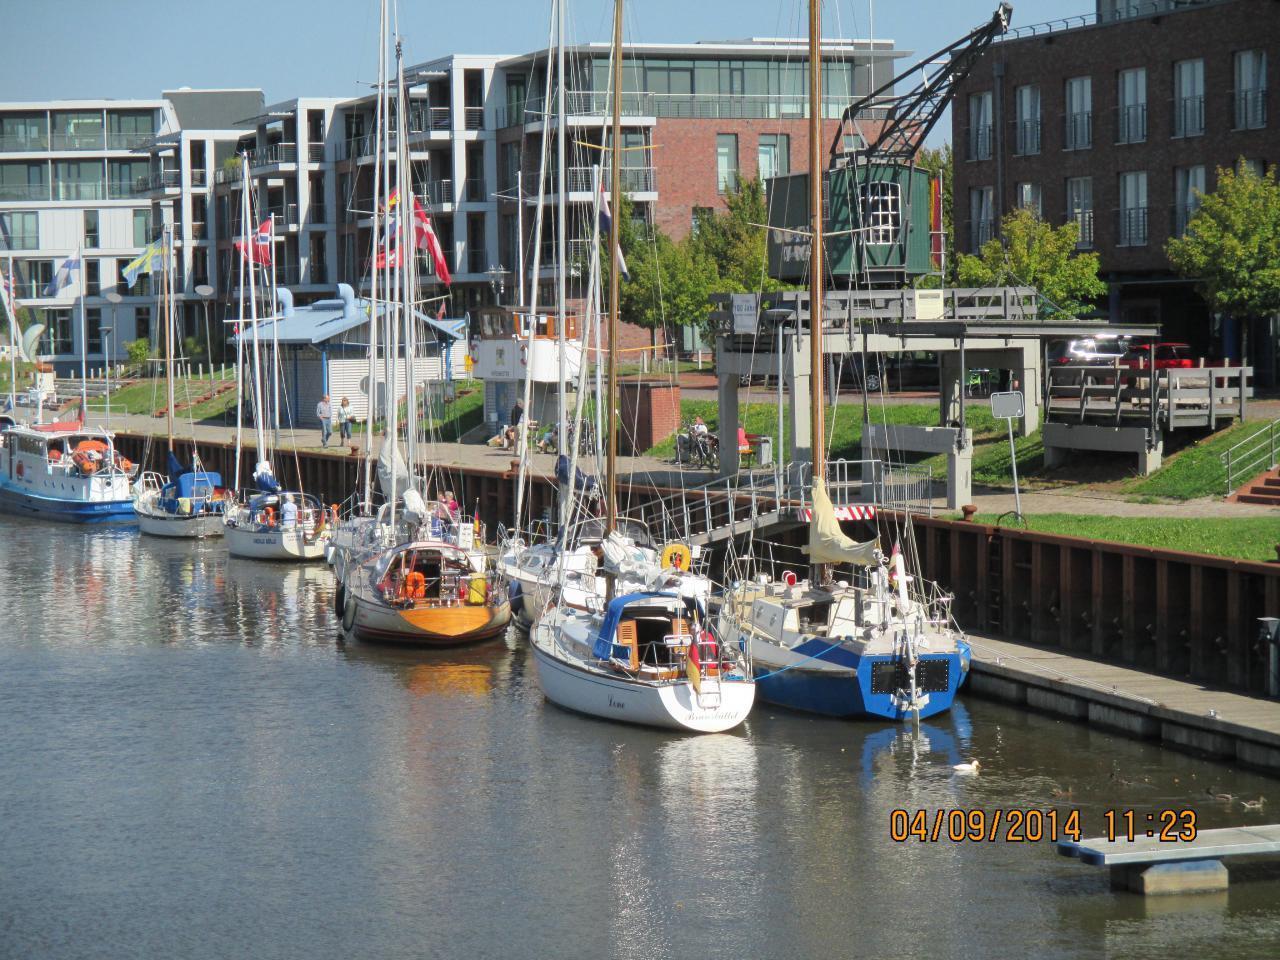 Kleiner Tagestörn auf der Elbe von Brunsbüttel nach Stade ( ein Genuß ) auf dem alte Hanseaten-Lo